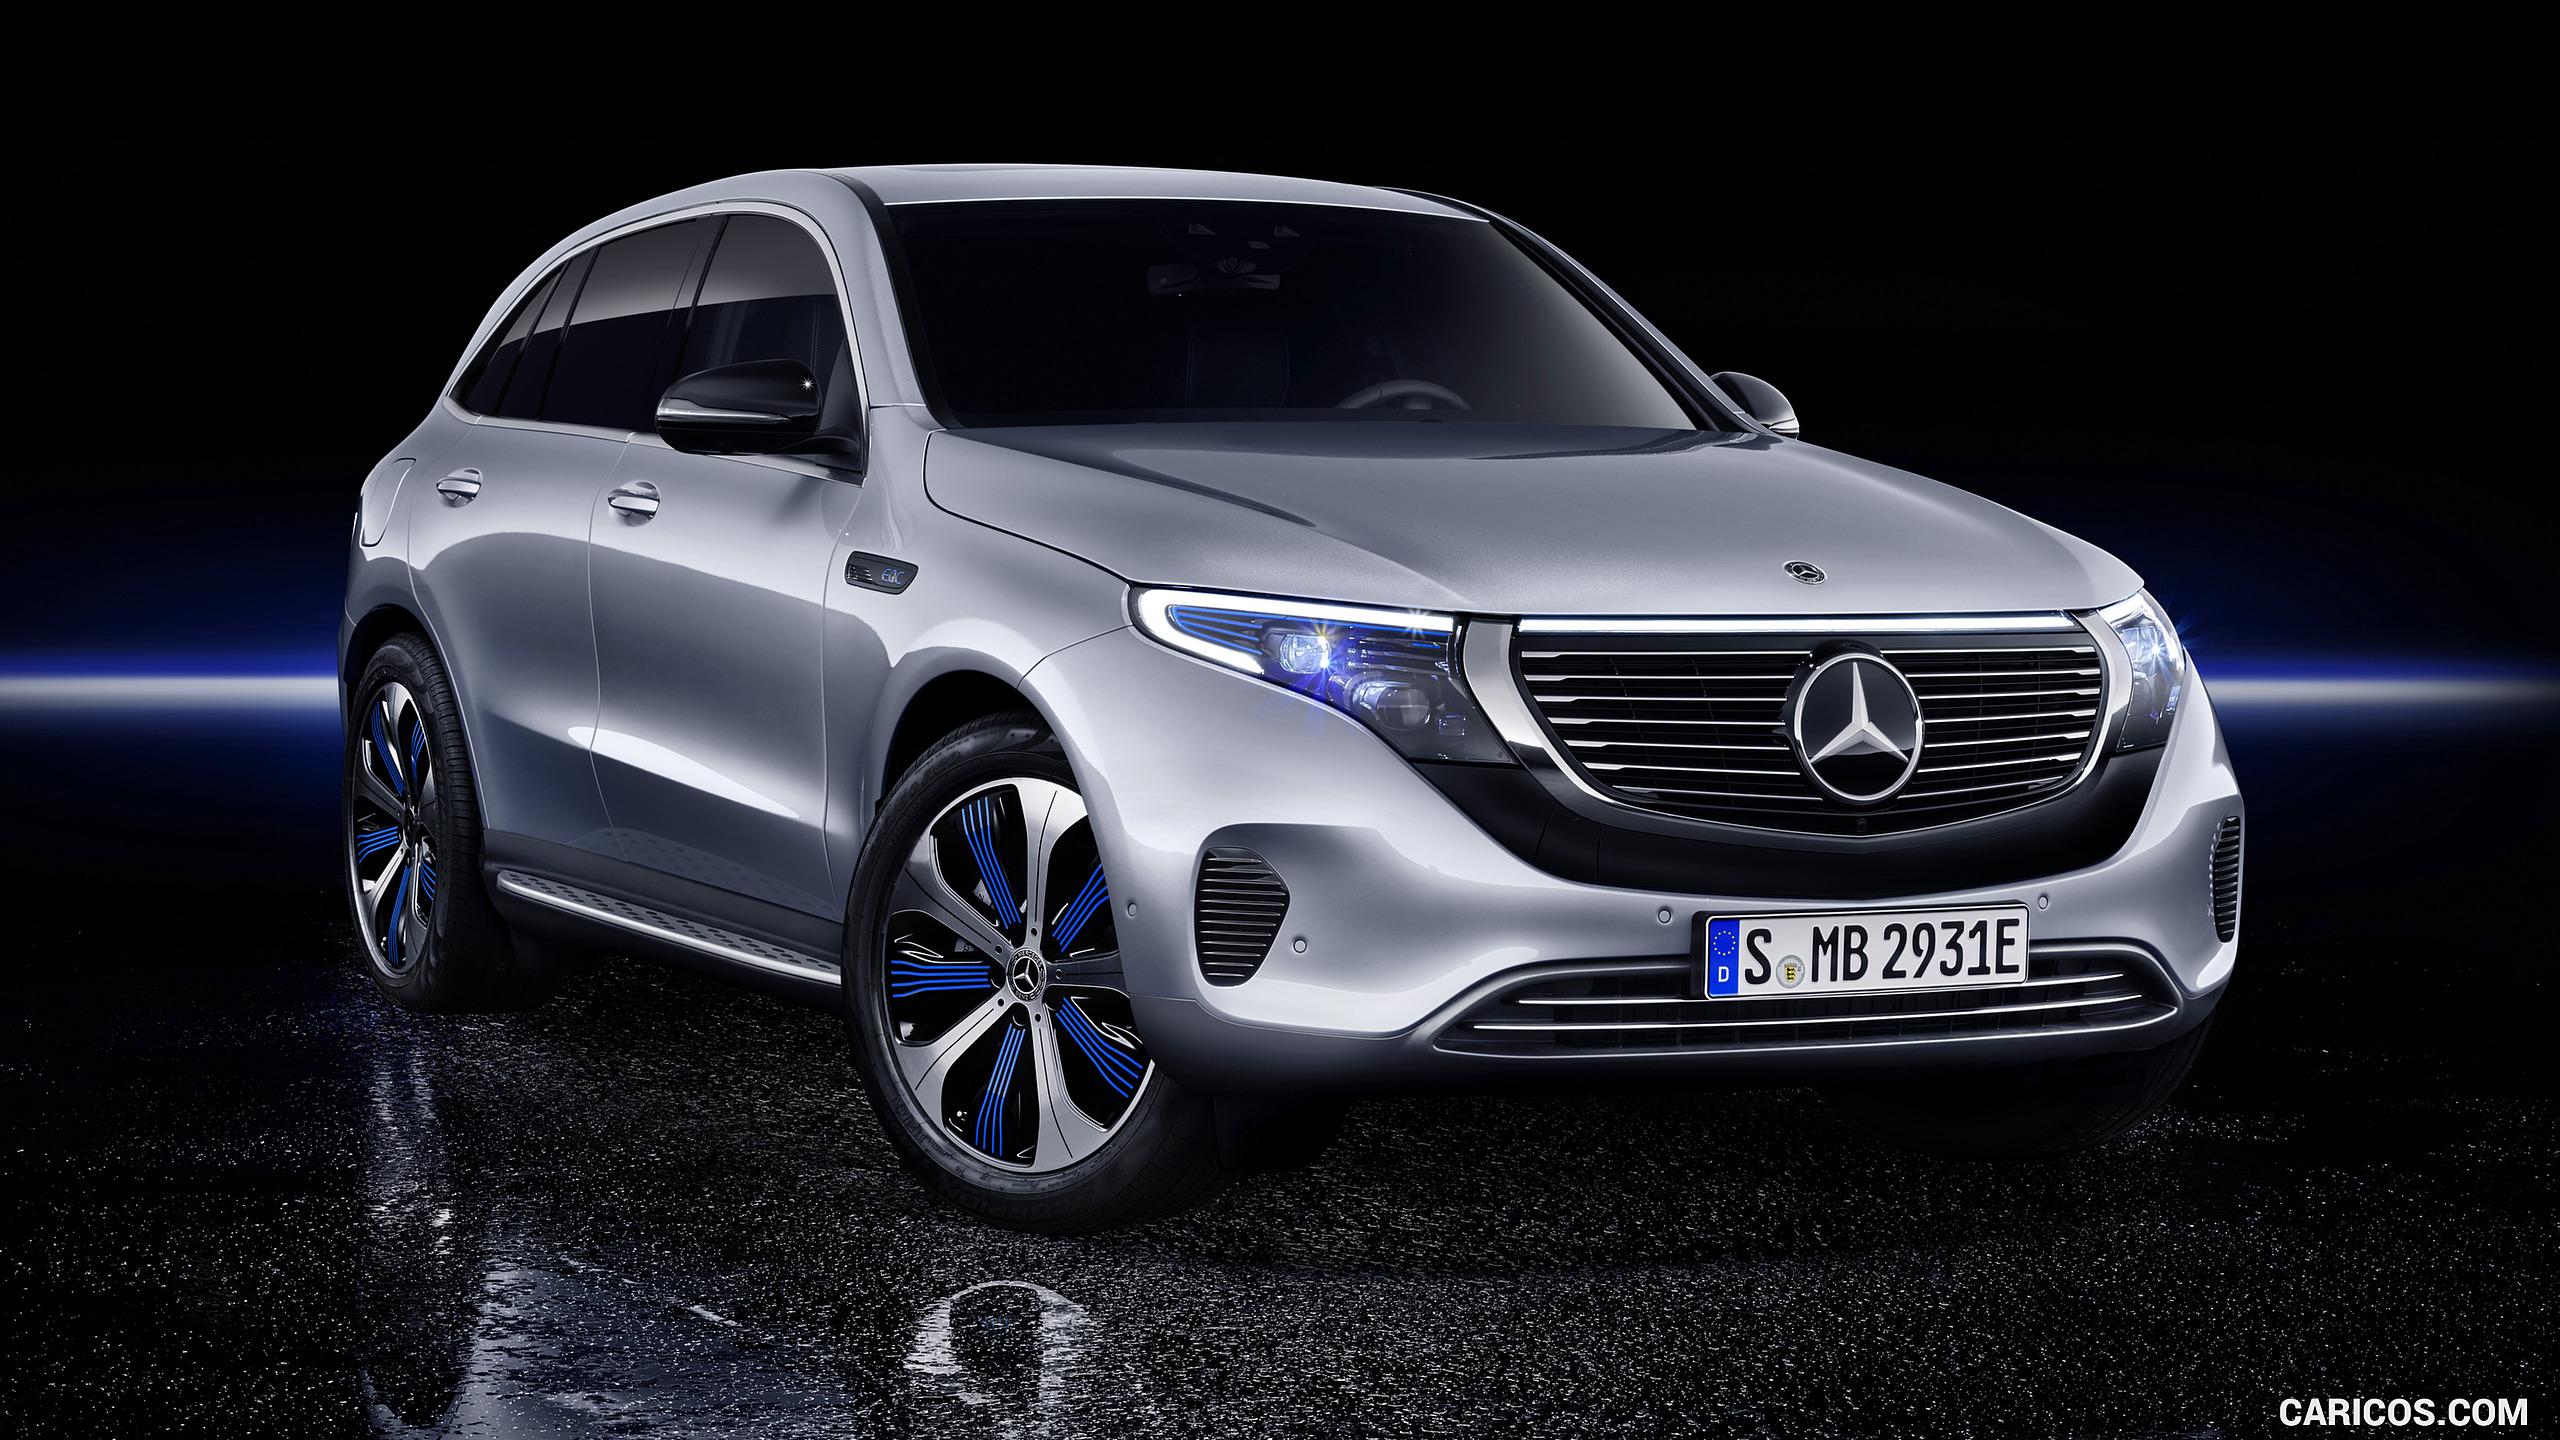 2020 Mercedes Benz EQC 400 4MATIC   Front Three Quarter HD 2560x1440